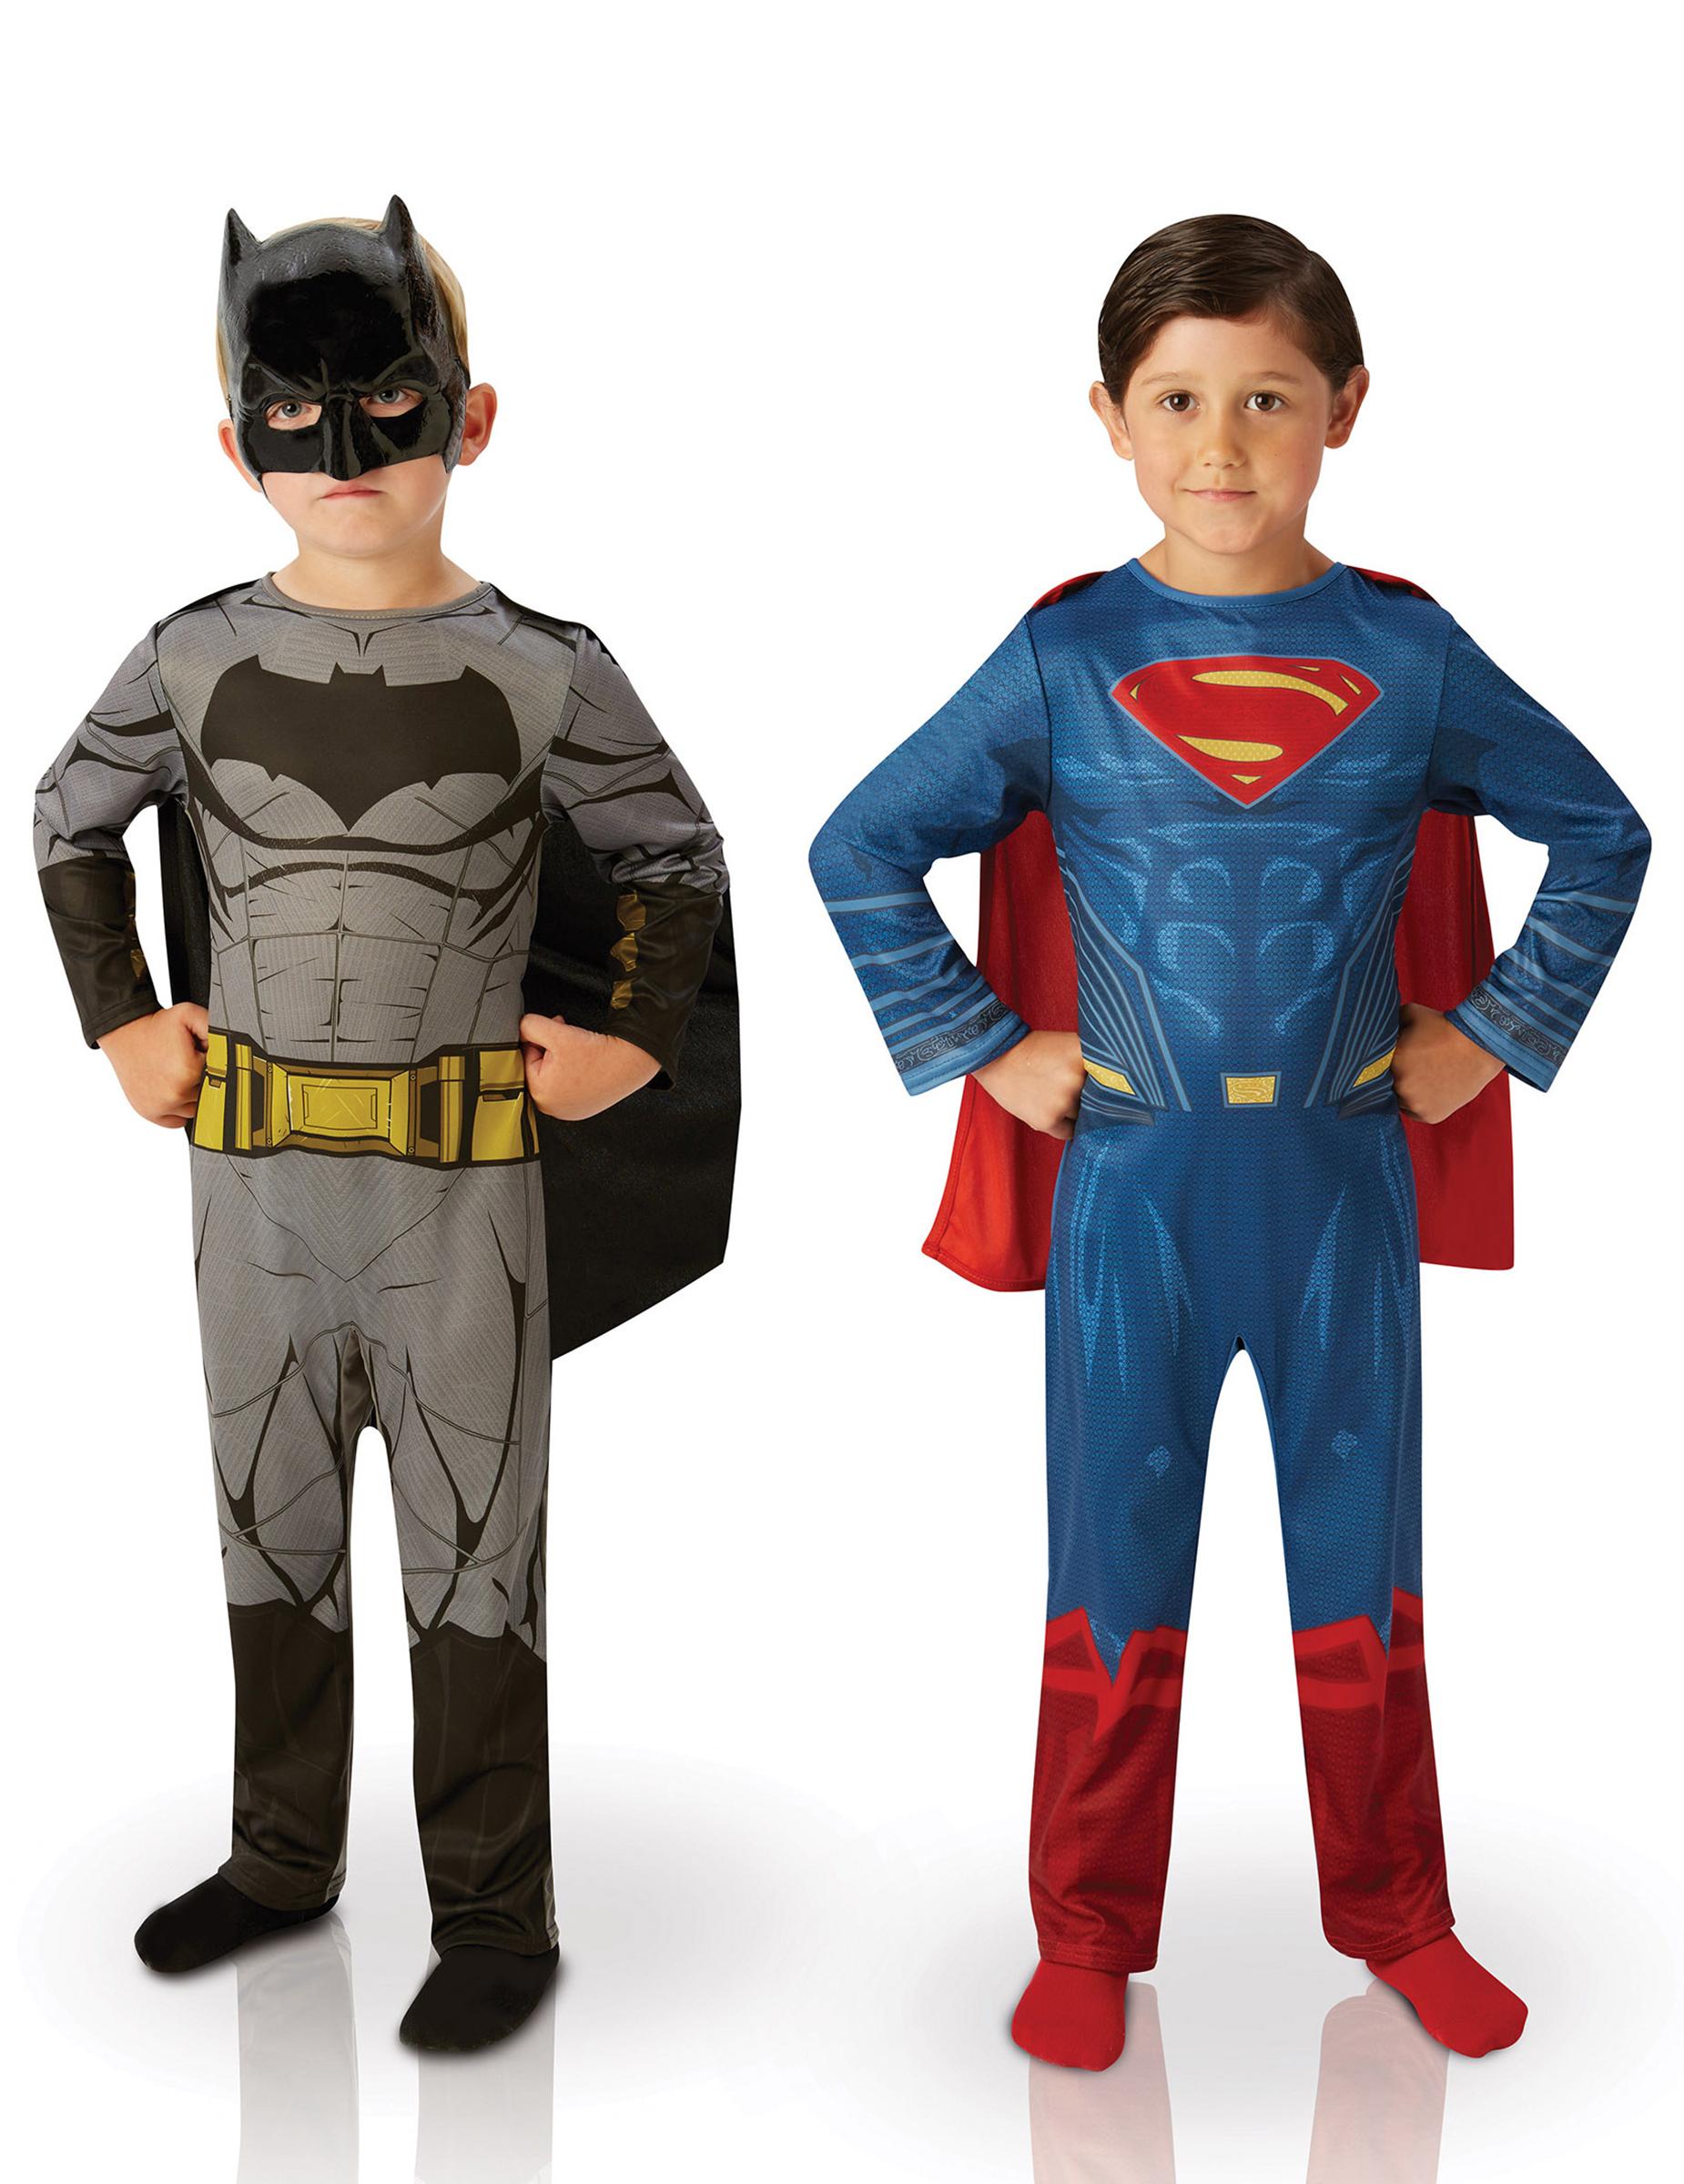 16 x justice league Serviettes Enfants Batman Superman vaisselle parti serviettes